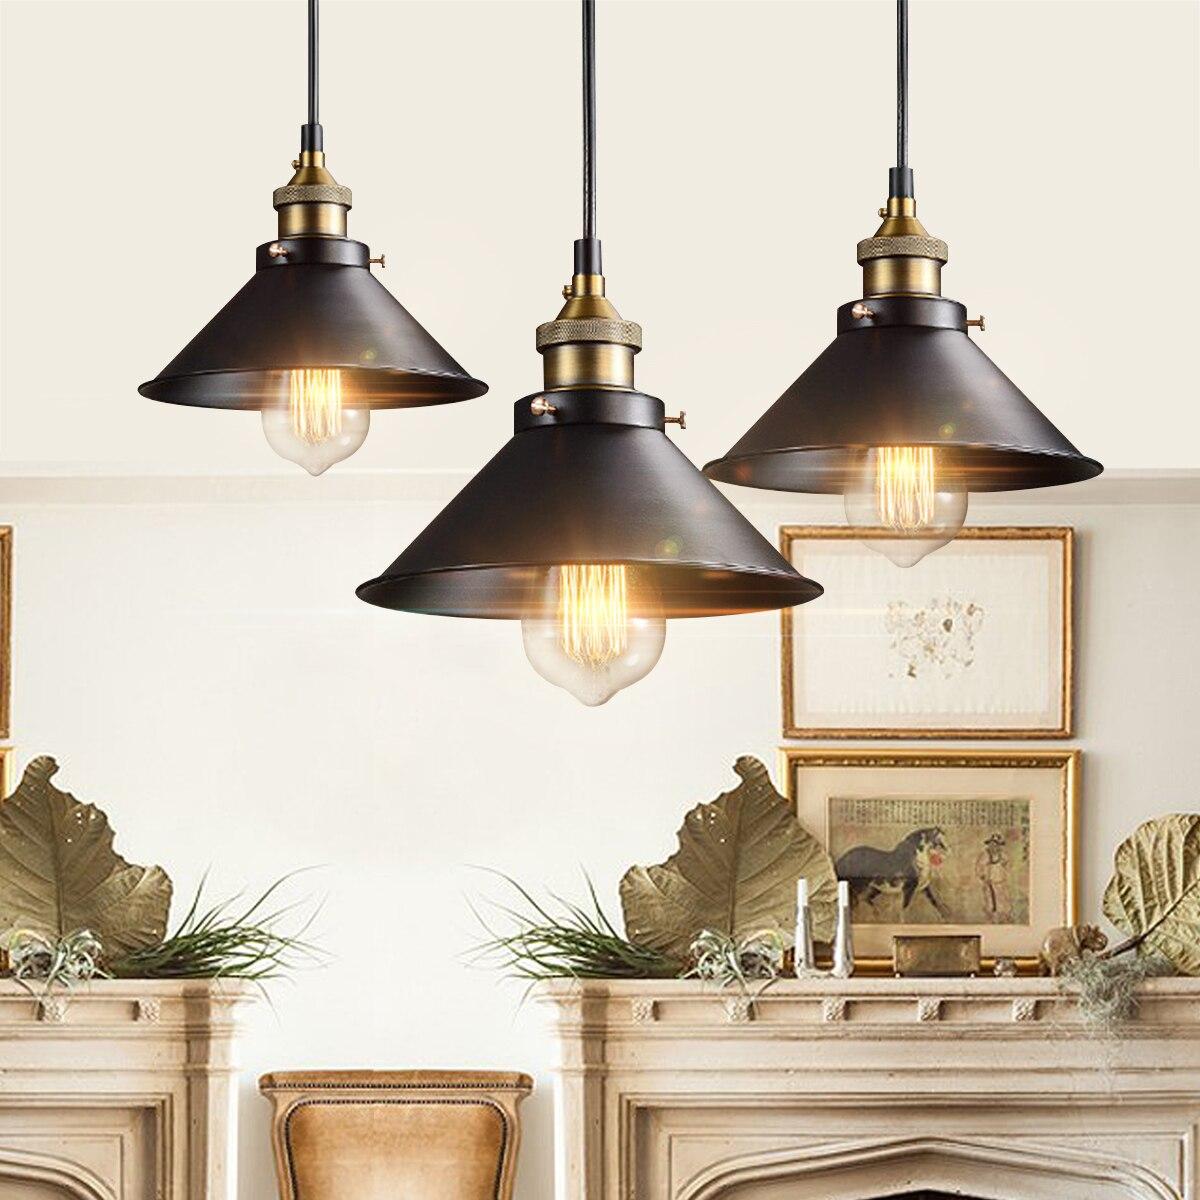 Retro Tavan Lambası Yuvarlak Vintage Endüstriyel Tasarım Demir klasik ışık Deco Ampul Aydınlatma Armatürü